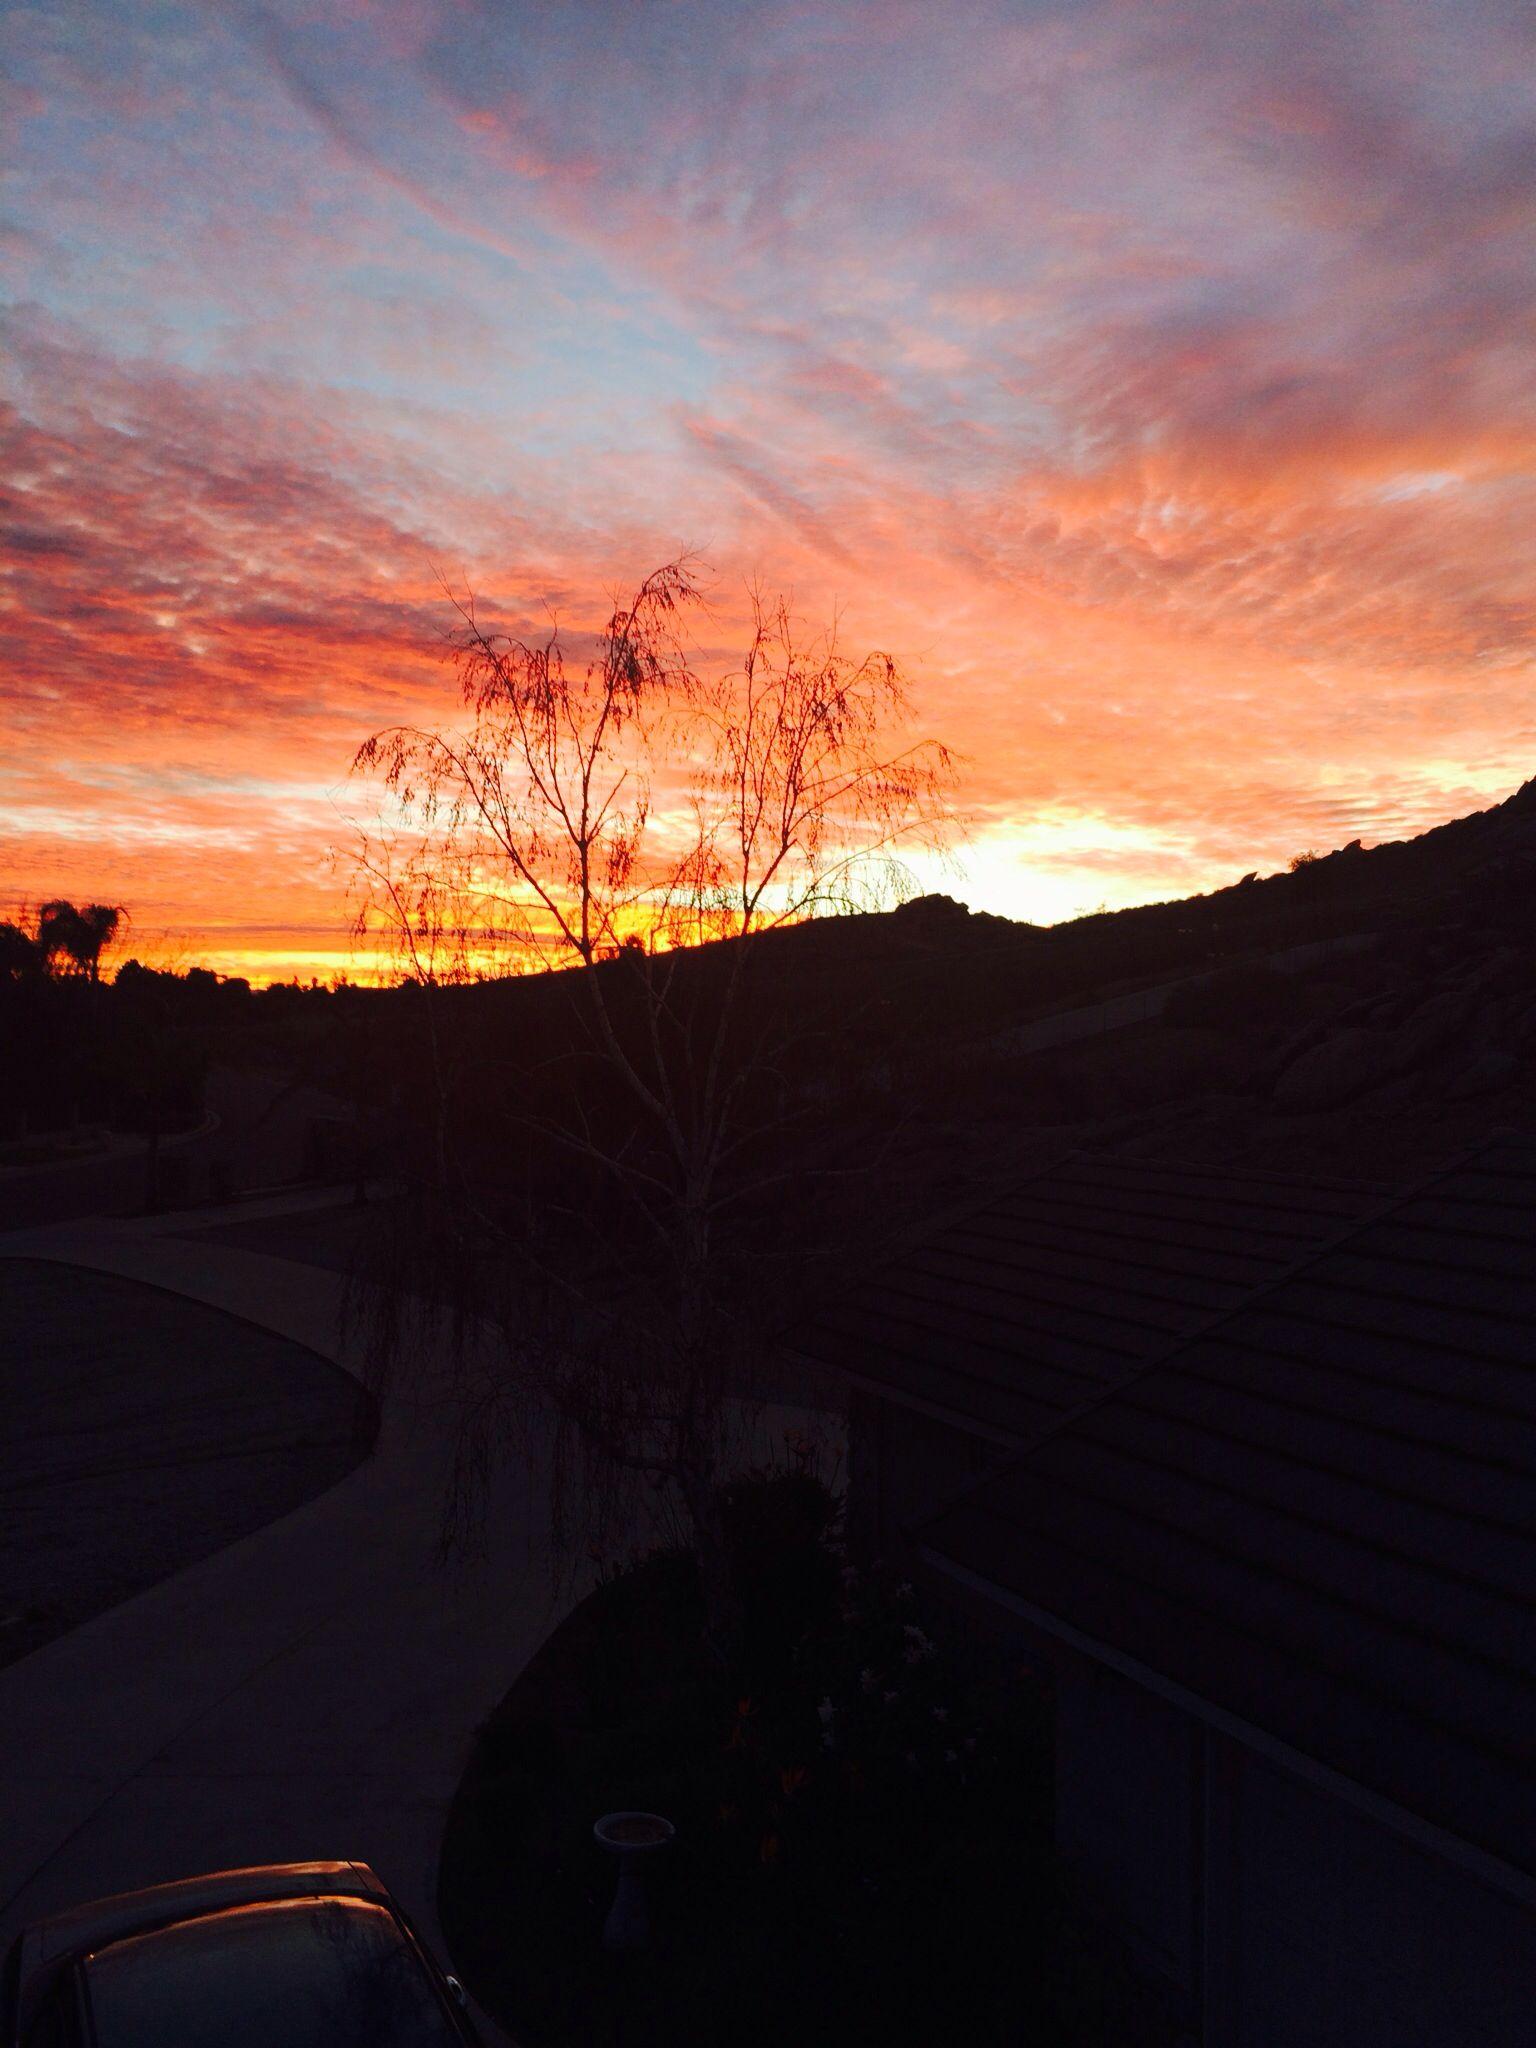 Beautiful sunrise #riverside#january#Californialove